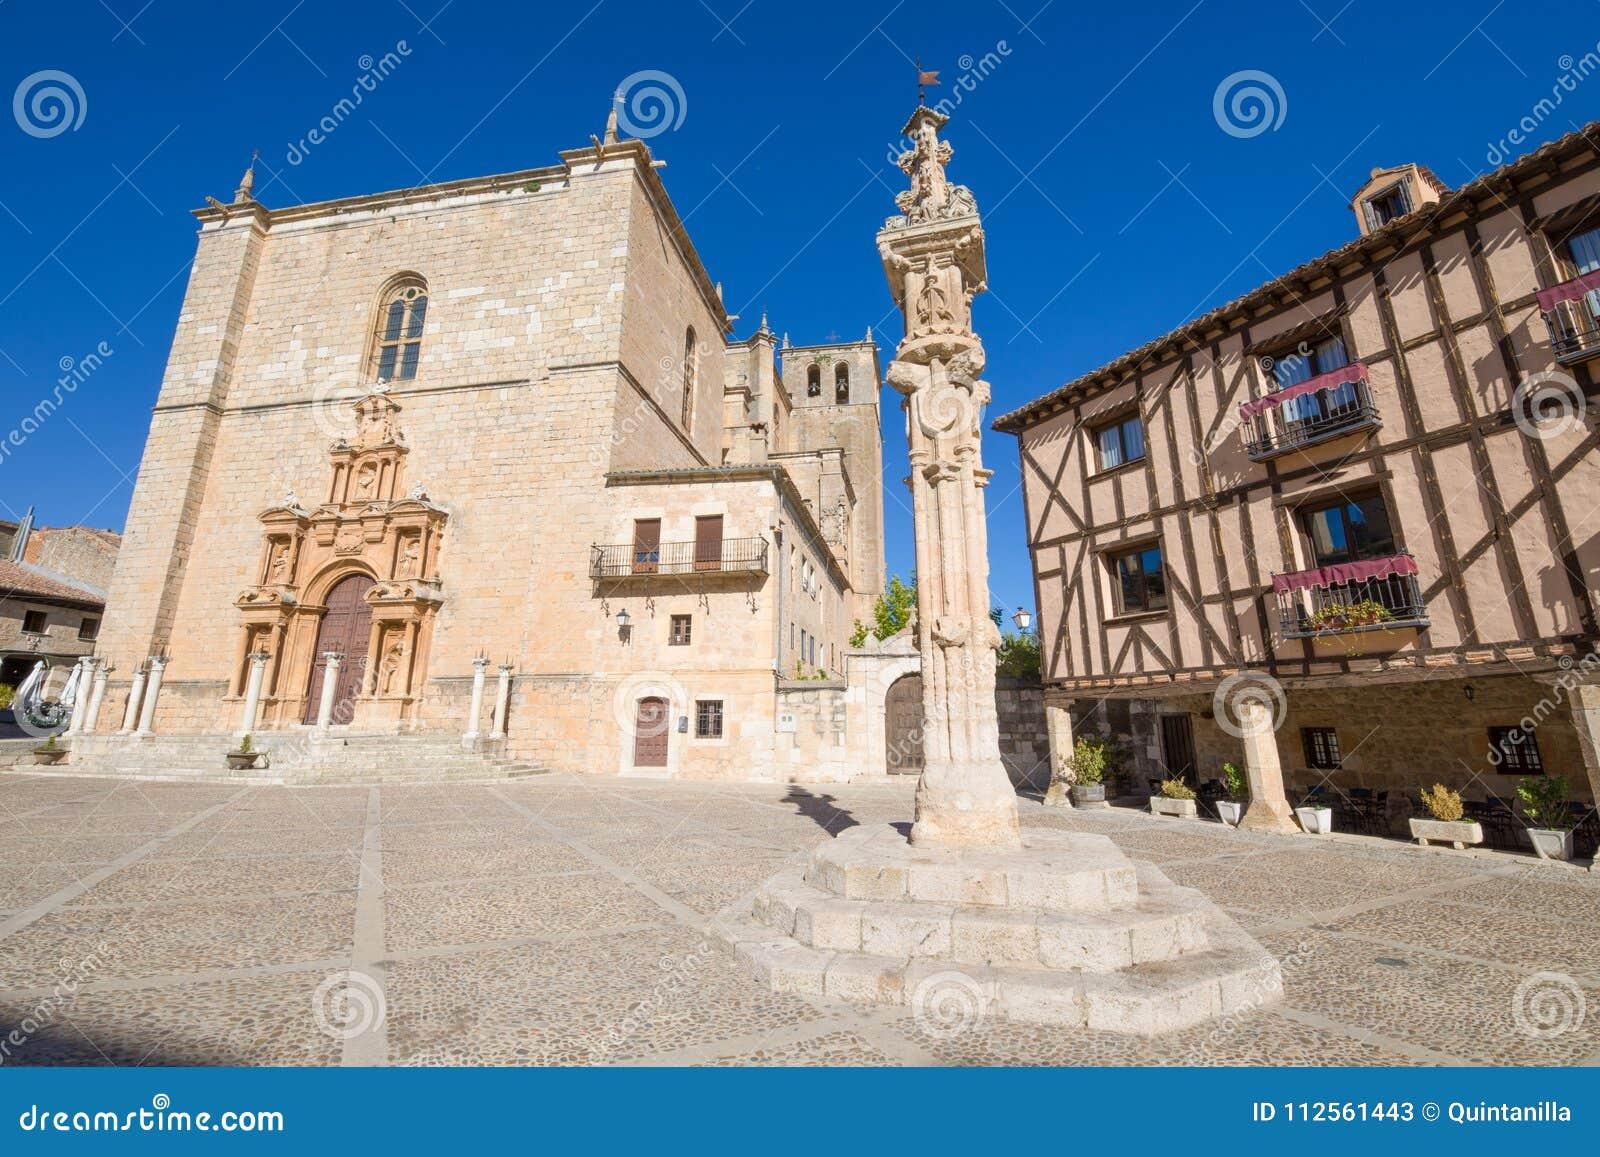 Pilar de la corte en la plaza principal de Penaranda de Duero